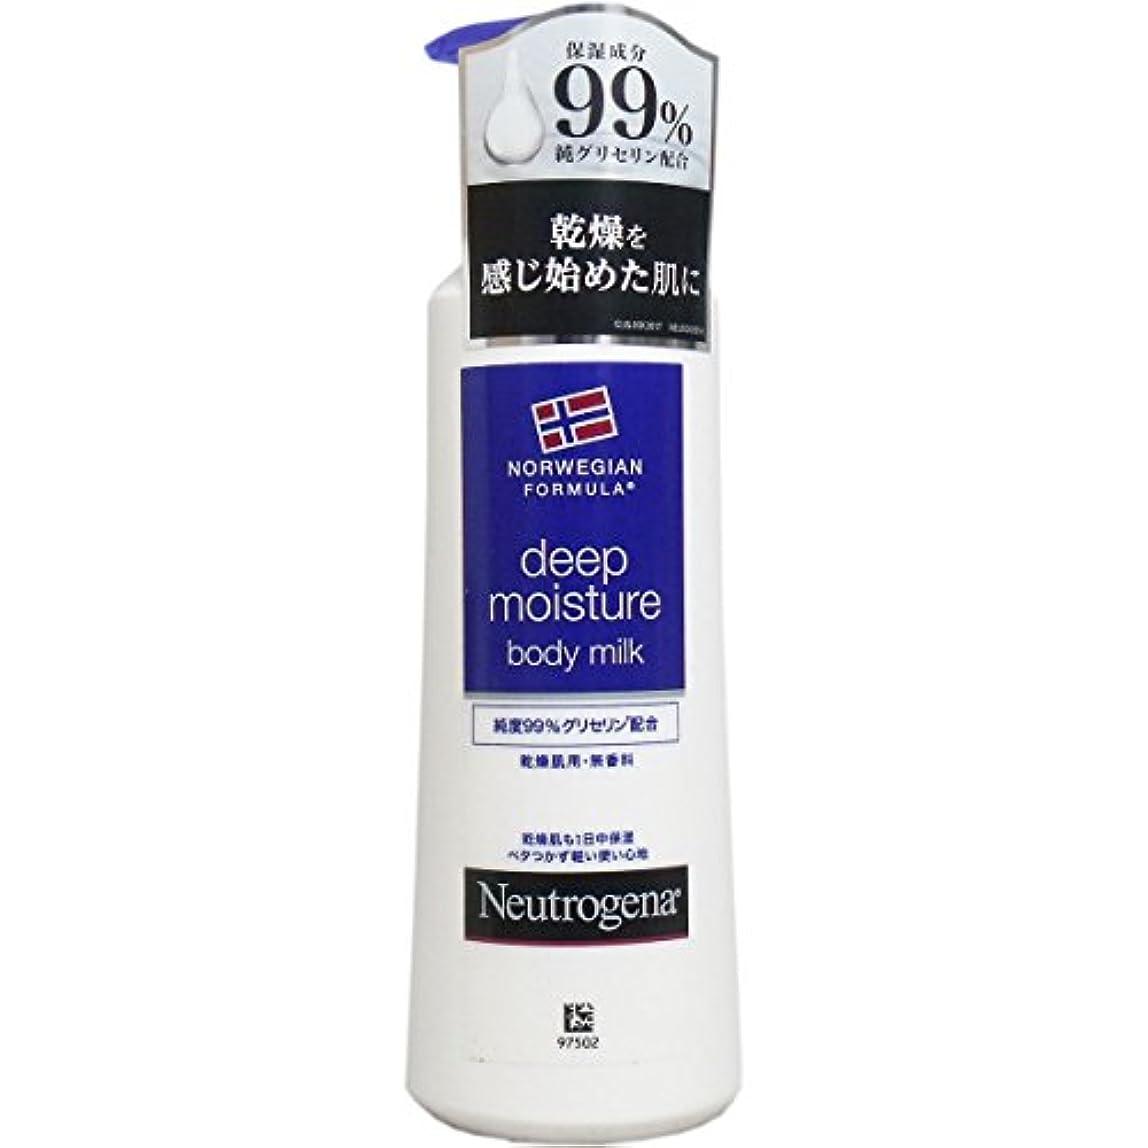 遵守する一緒にの面では【まとめ買い】Neutrogena(ニュートロジーナ) ノルウェーフォーミュラ ディープモイスチャー ボディミルク 乾燥肌用 無香料 250ml×4個